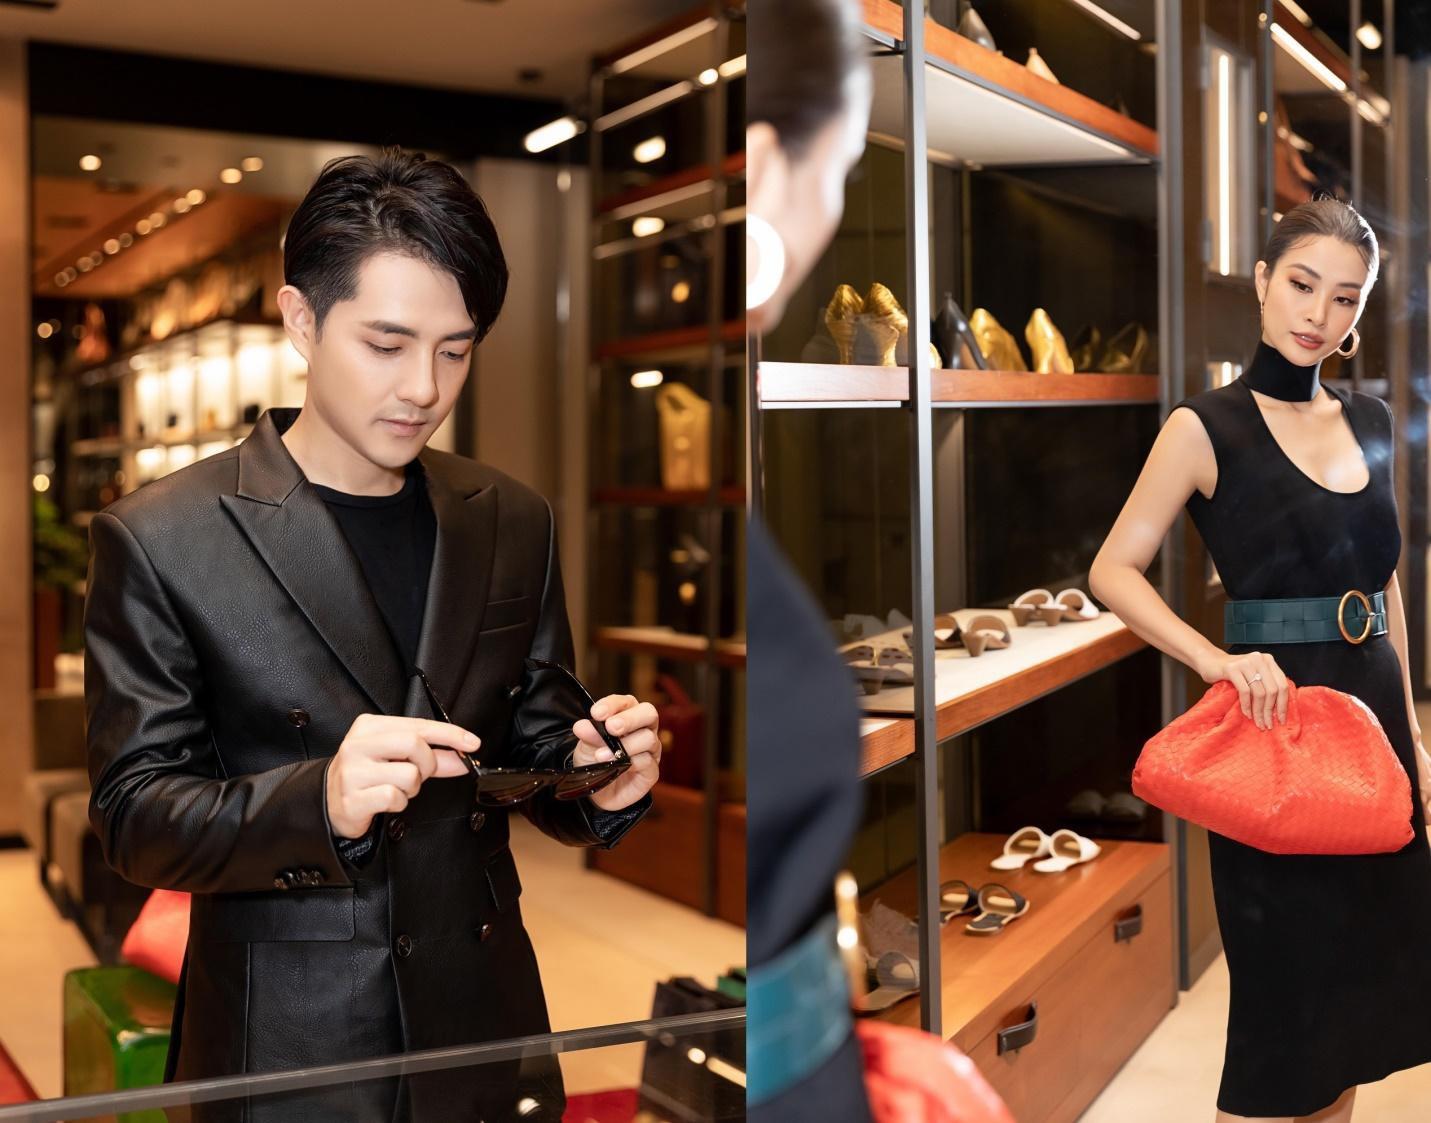 Bottega Veneta ra mắt BST mới: Dàn sao Việt yêu thời trang tụ hội, cùng khoe cá tính - Ảnh 5.